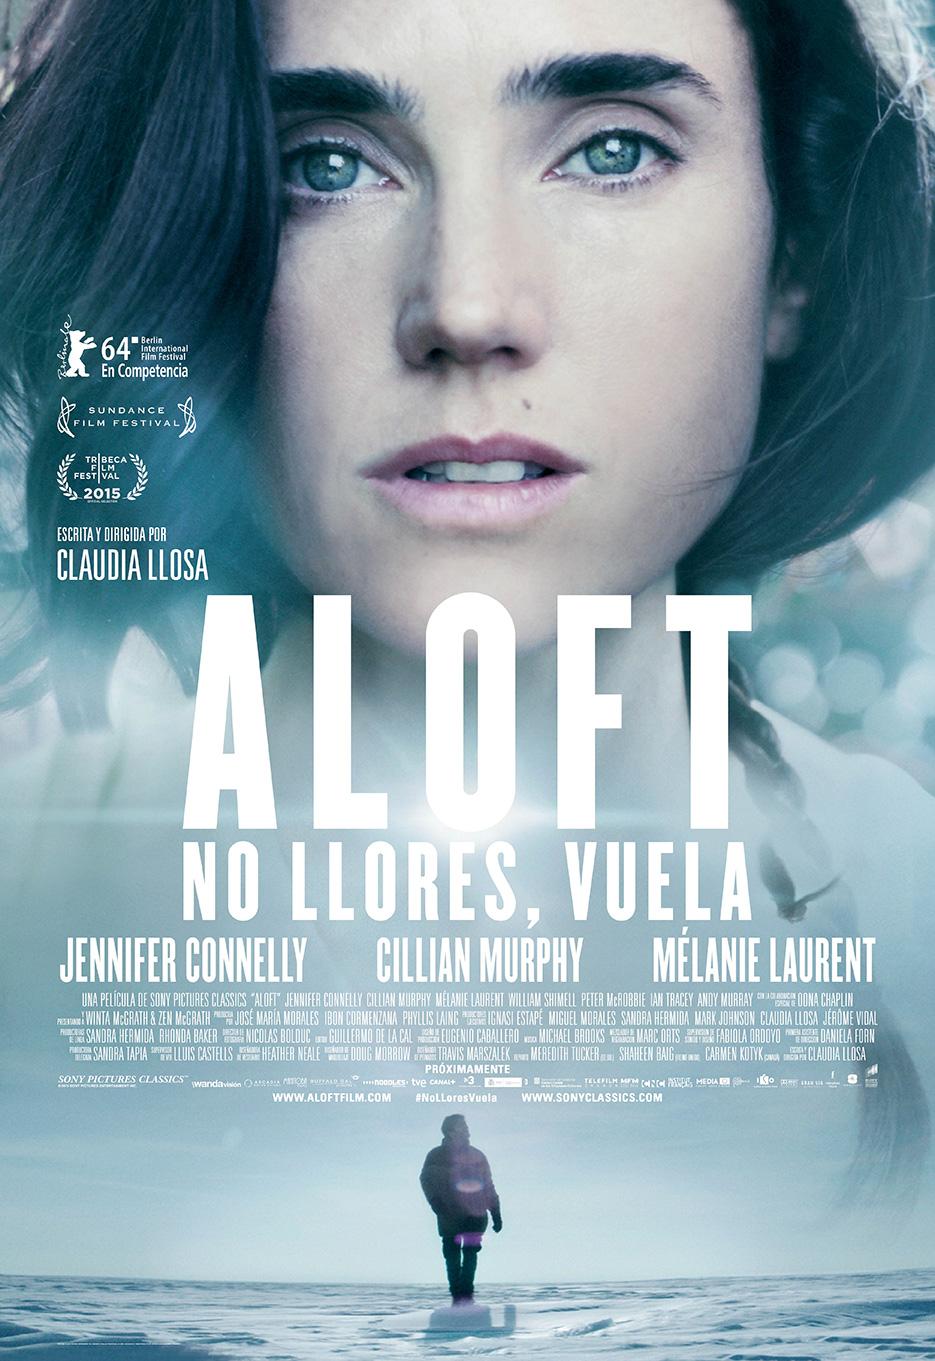 http://www.andesfilms.com.pe/aloft/